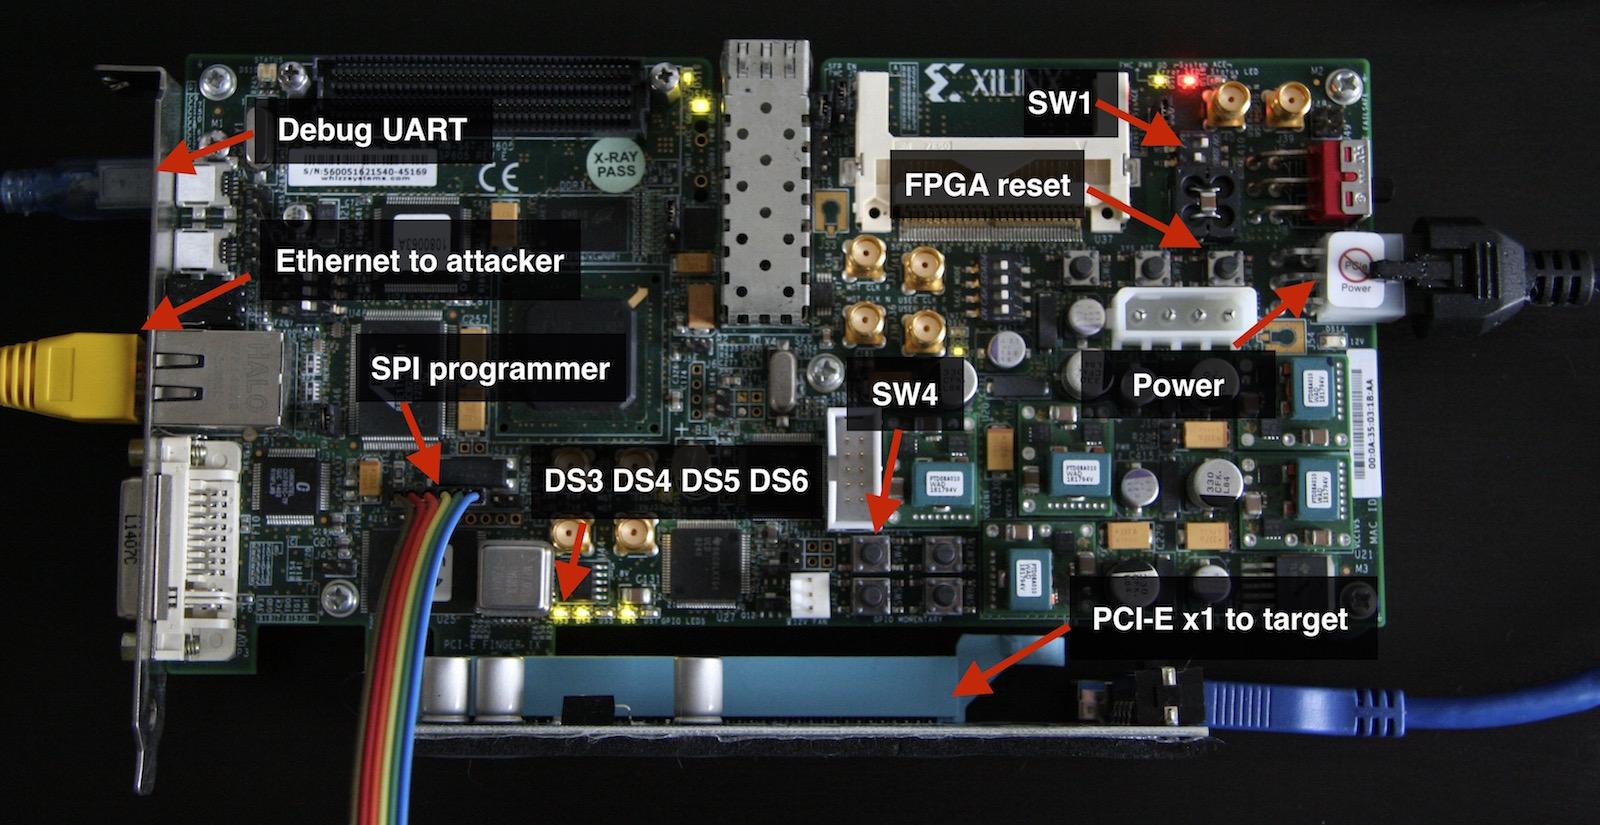 s6_pcie_microblaze/README MD at master · Cr4sh/s6_pcie_microblaze